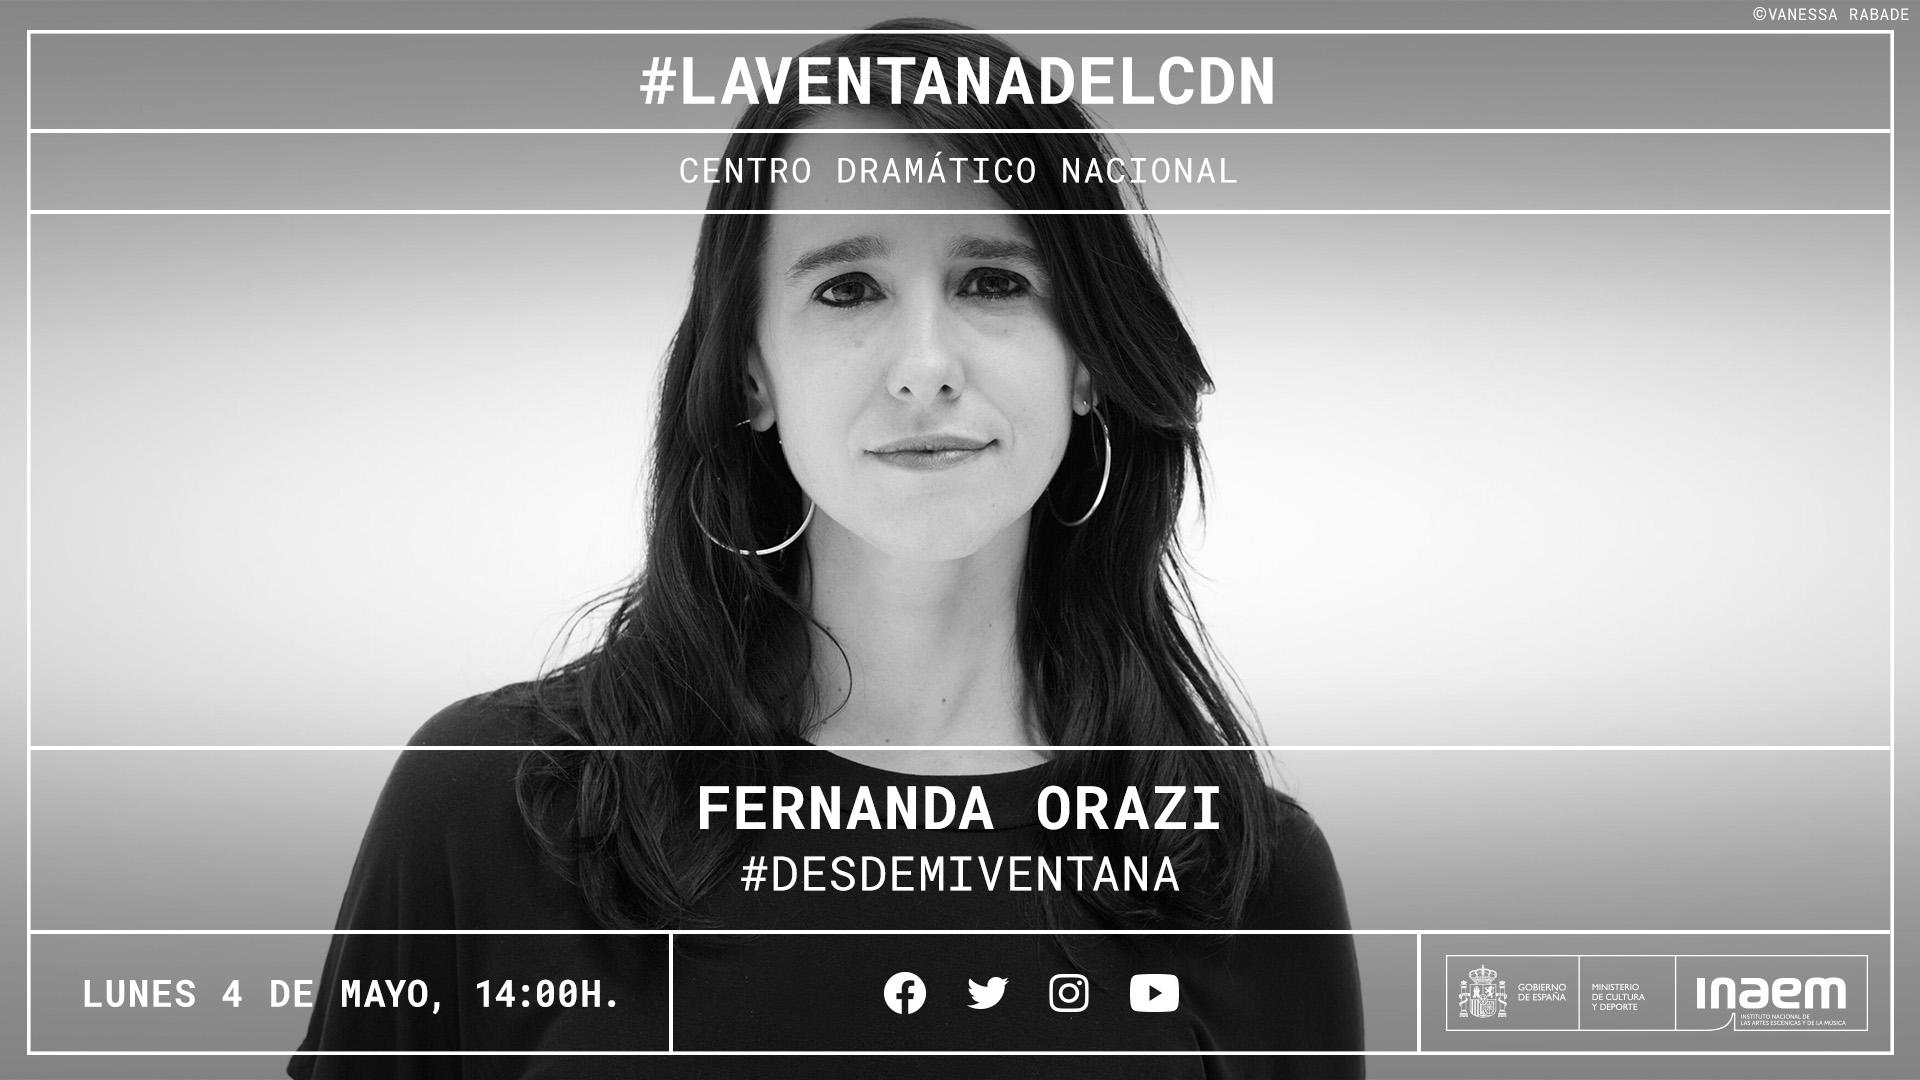 El balcón como ¿límite? entre realidades: Fernanda Orazi comparte sus reflexiones del confinamiento